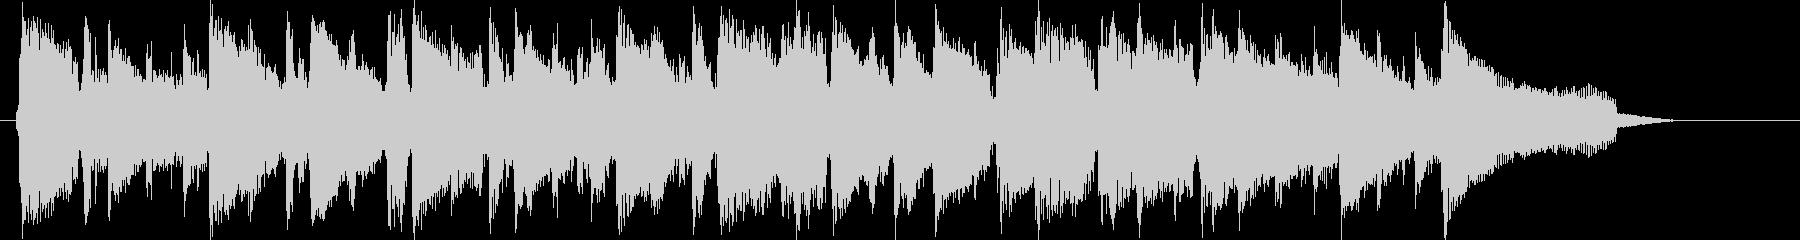 高音の小気味好いリズムの短めの曲の未再生の波形